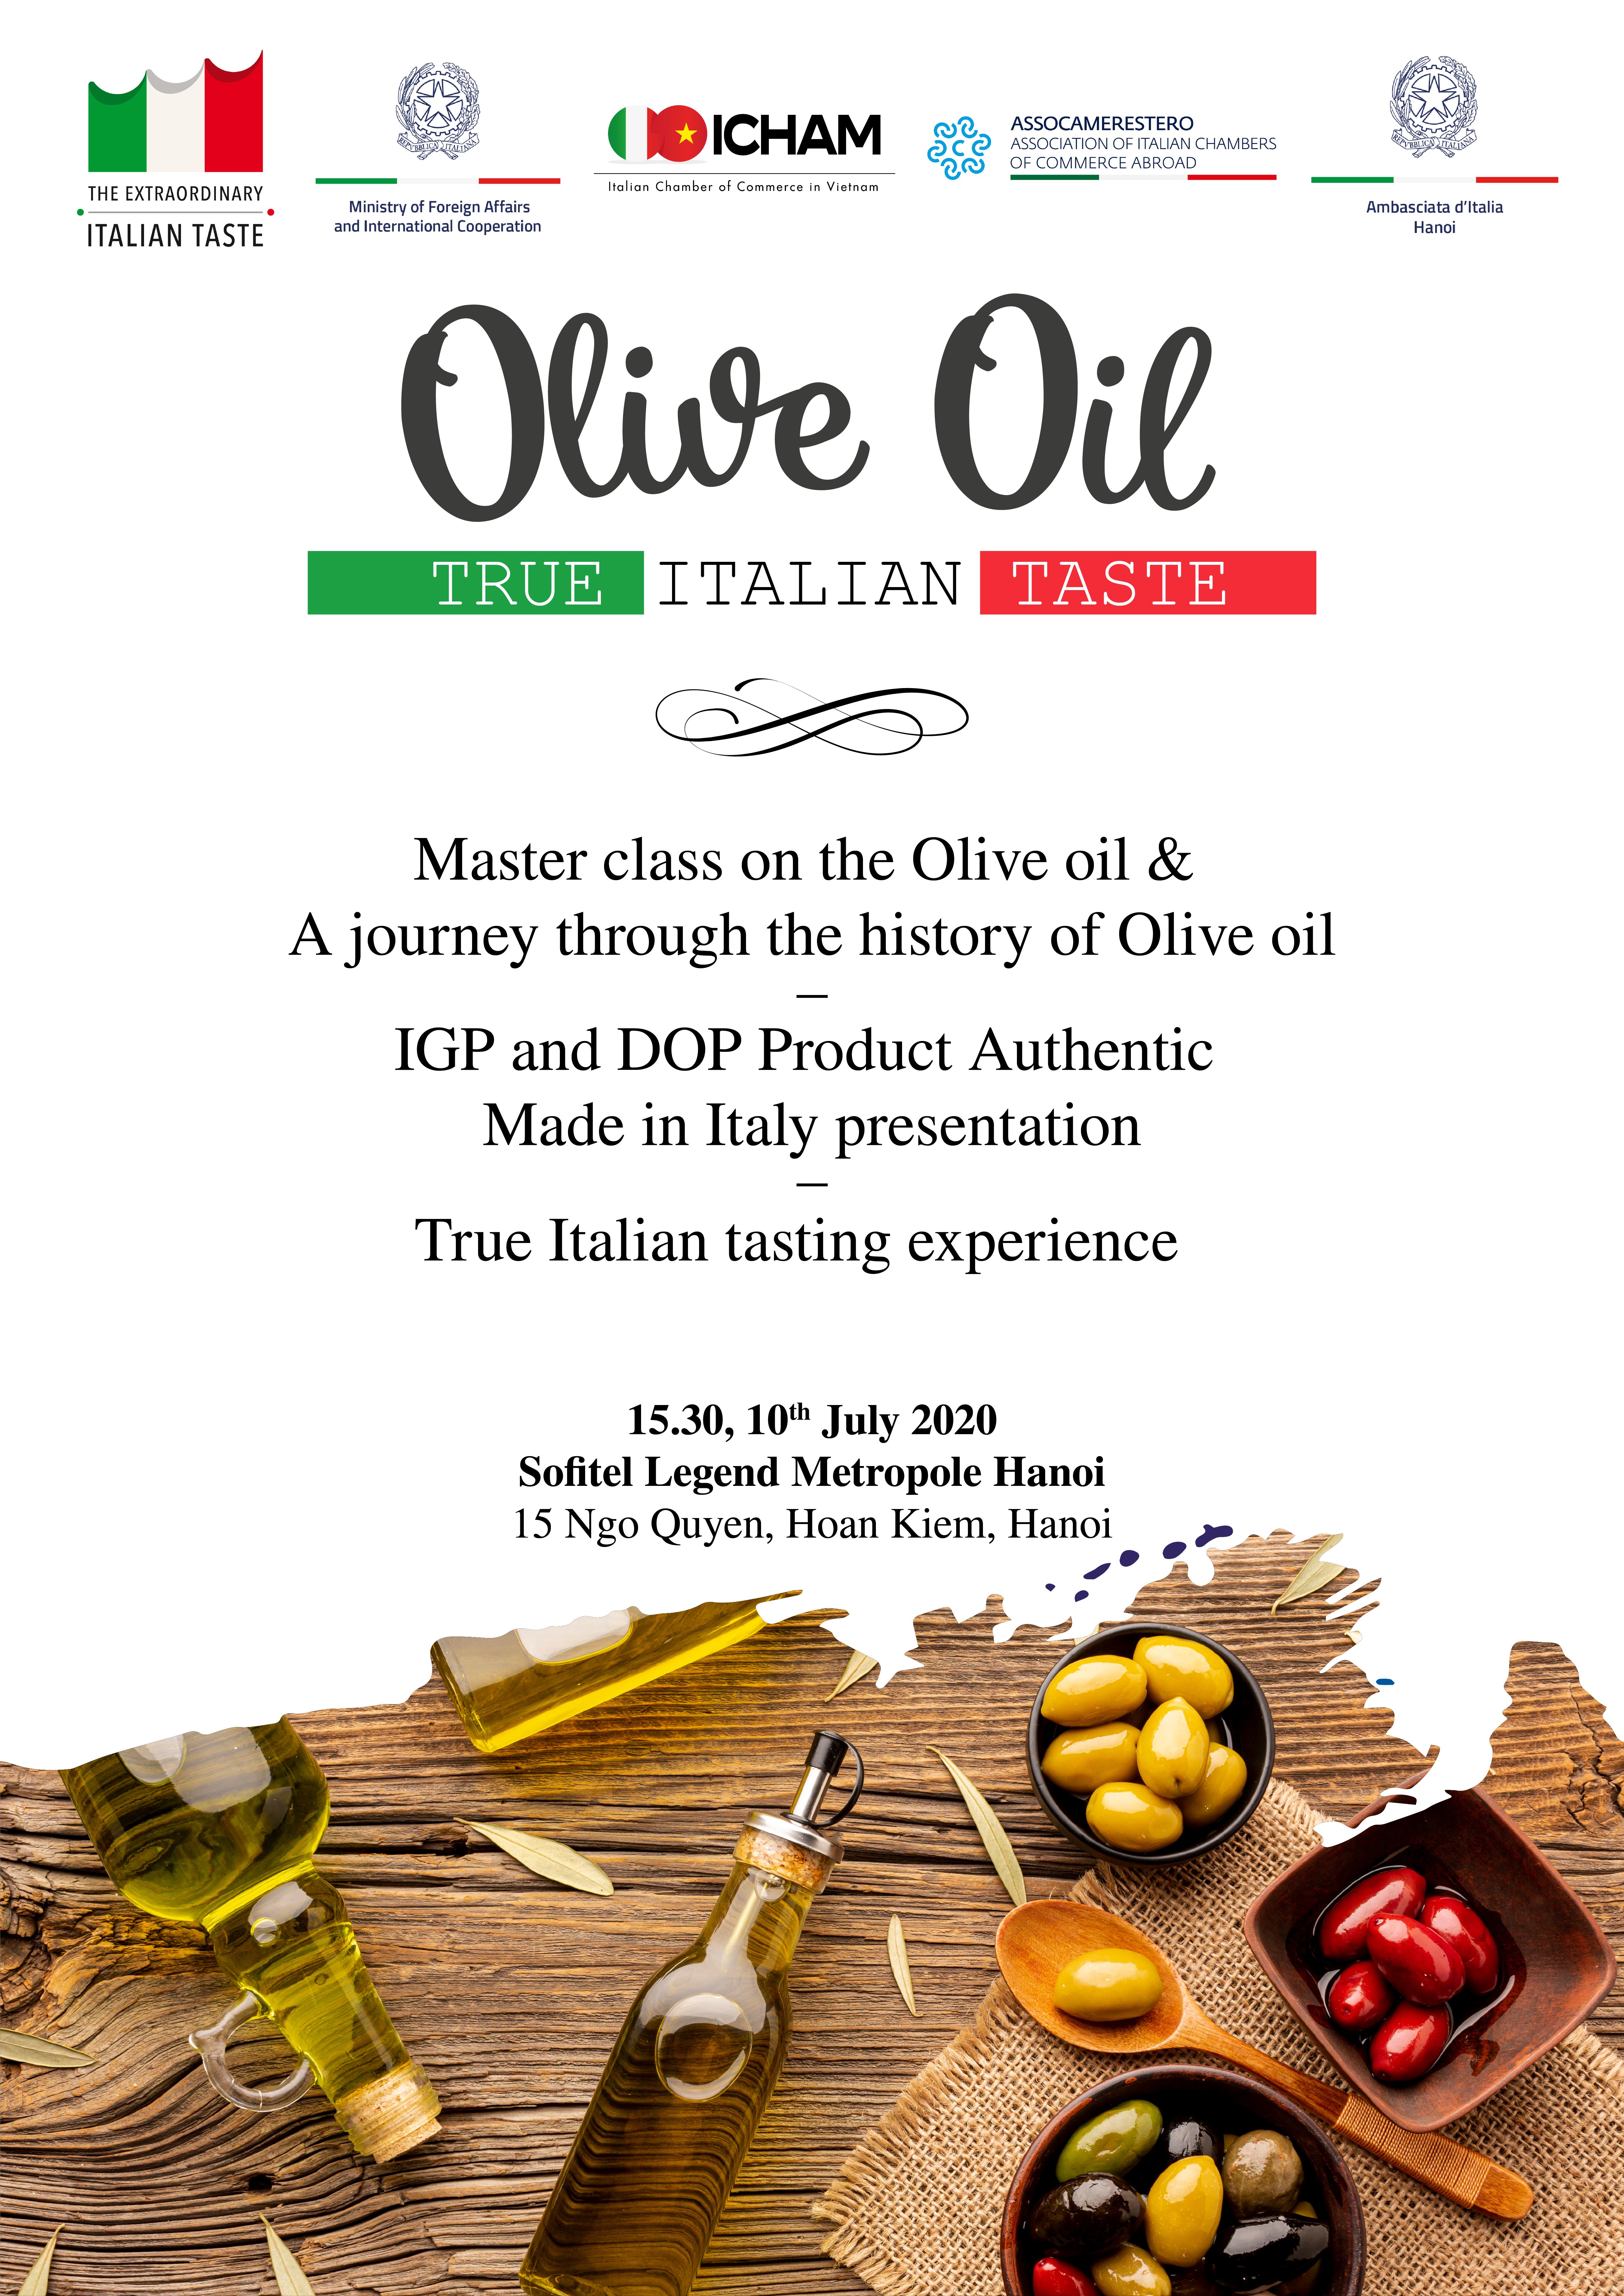 Il Vietnam alla scoperta dell'Olio di Oliva italiano